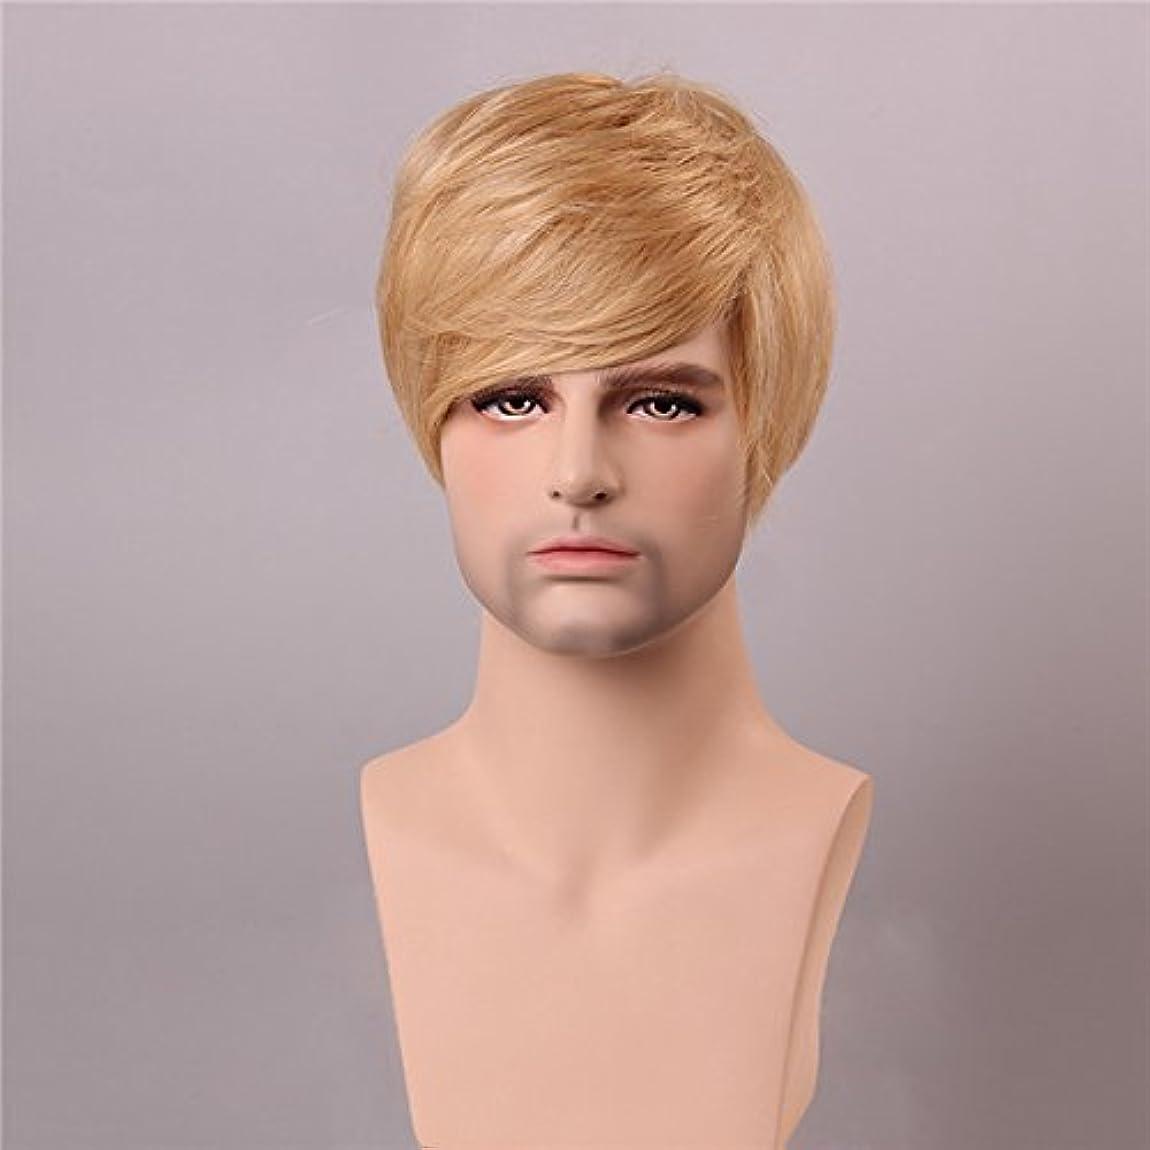 三角形騒ぎ騒乱YZUEYT ブロンドの男性短いモノラルトップの人間の髪のかつら男性のヴァージンレミーキャップレスサイドバング YZUEYT (Size : One size)